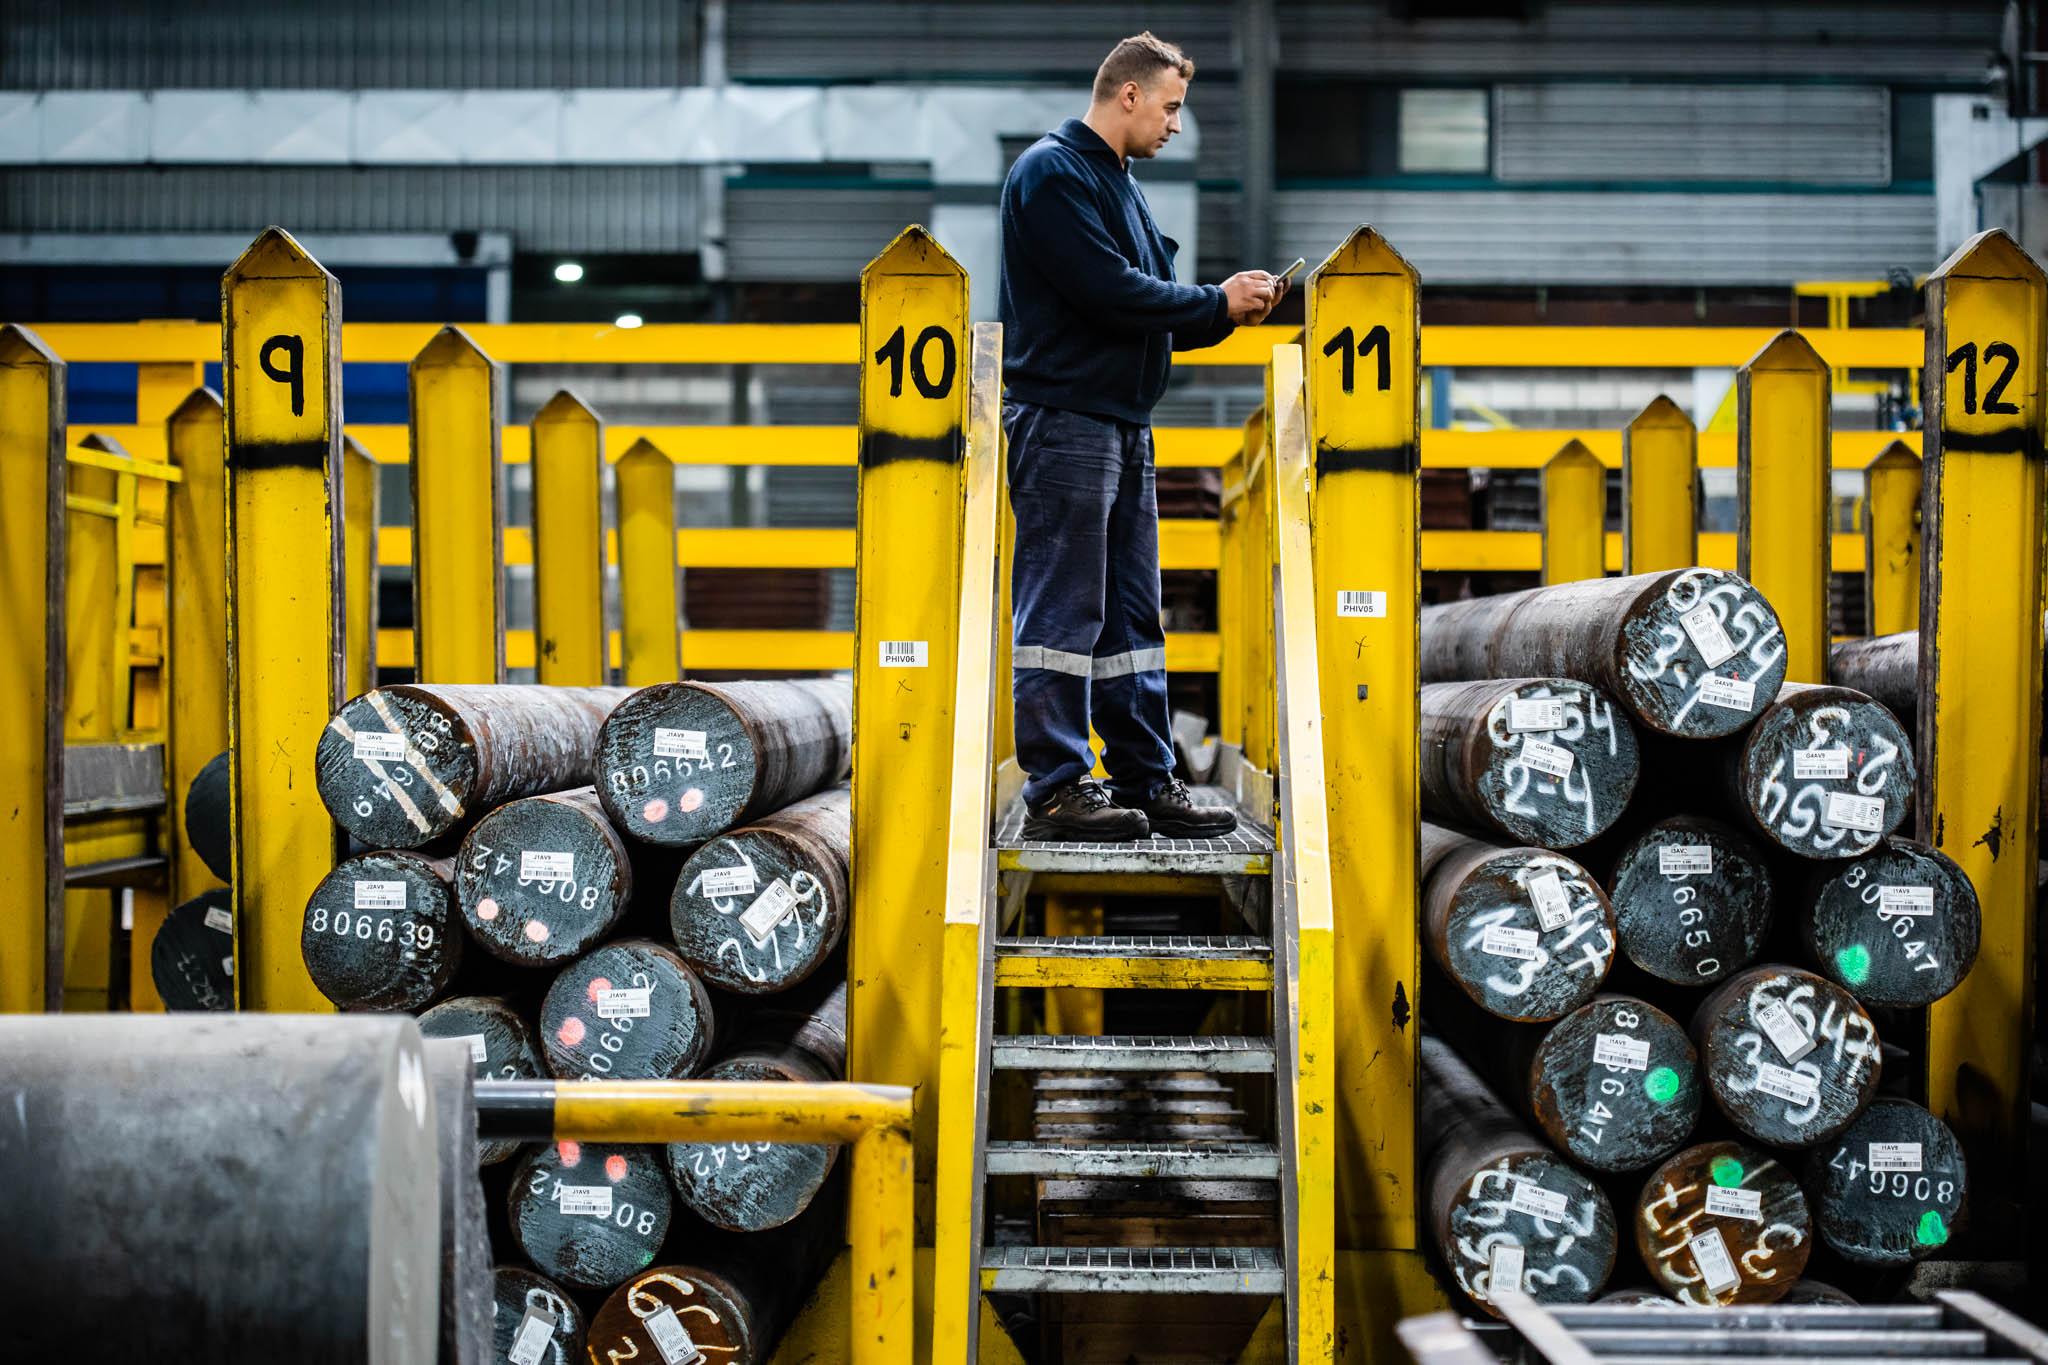 Fotografía de instalaciones. Industria vasca